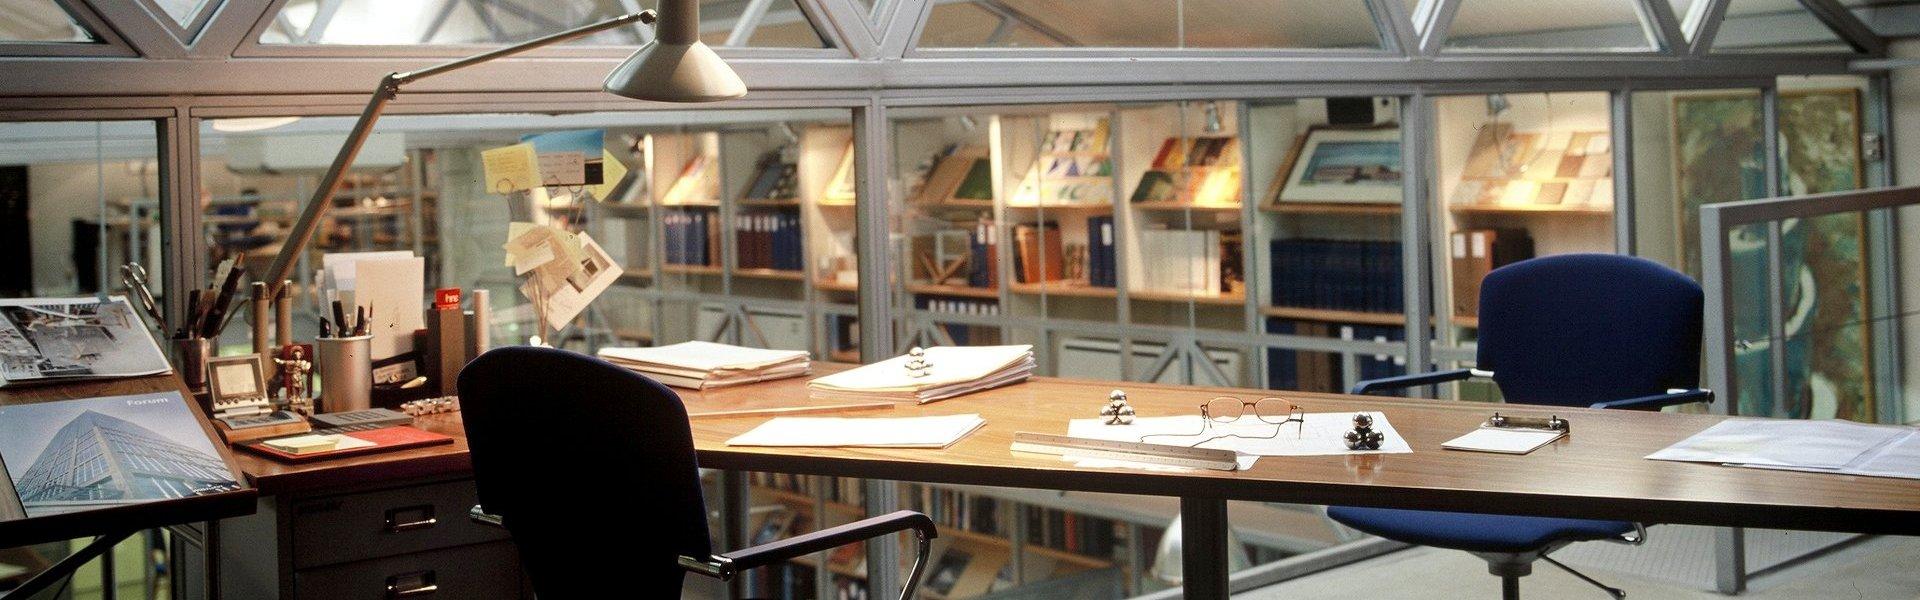 la-nave-coworking-despacho-privado-11